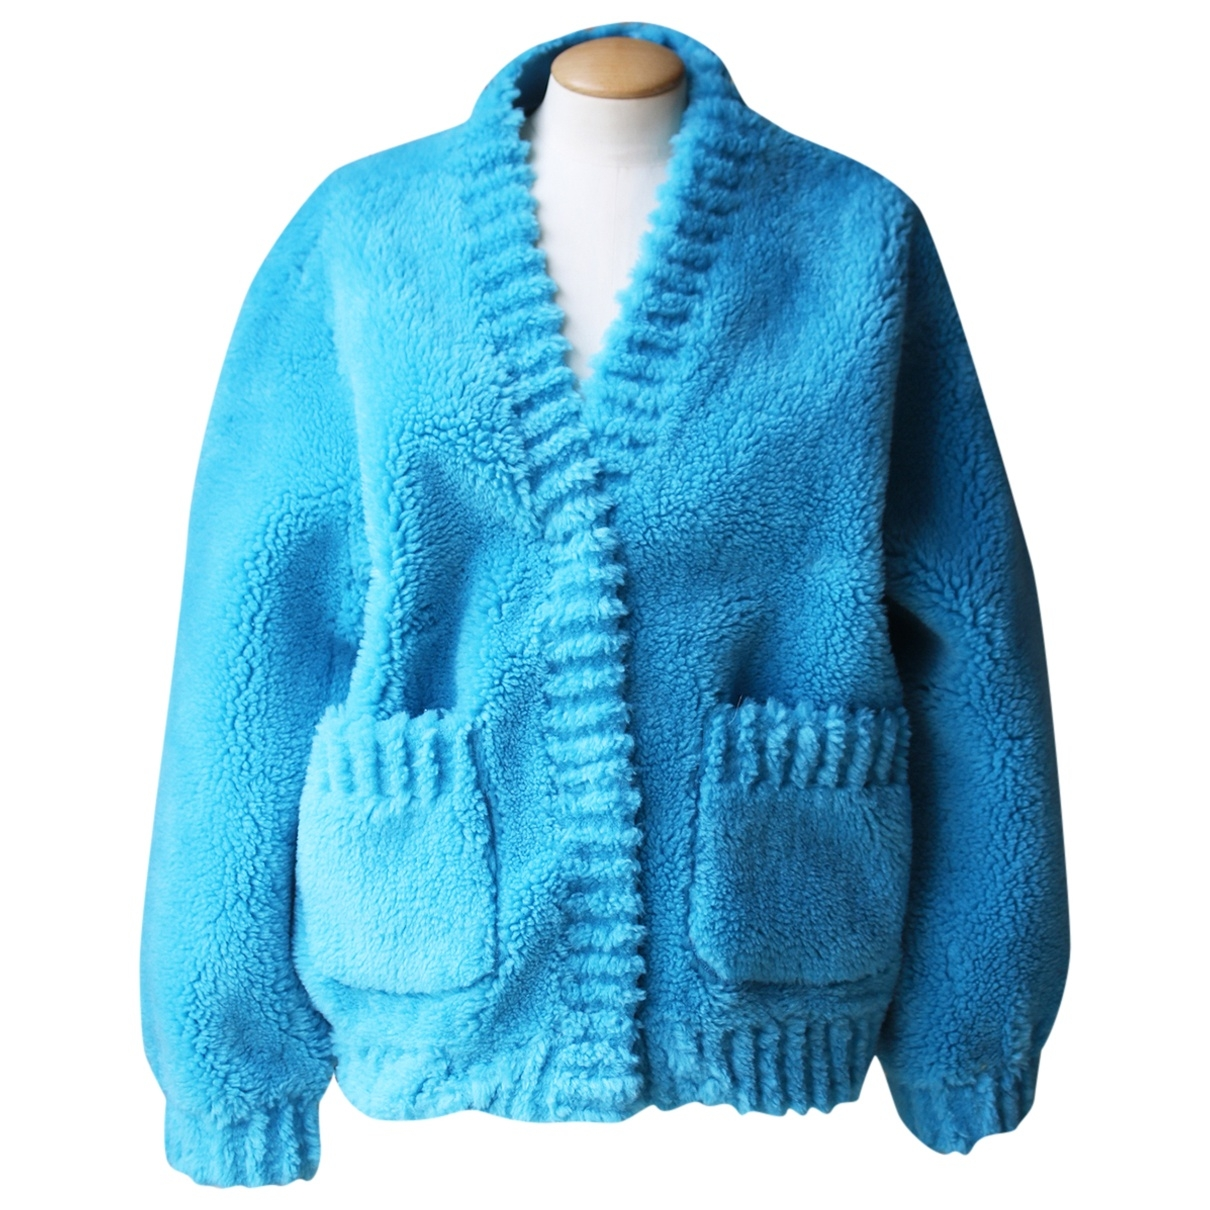 Popski London - Pull   pour femme en laine - bleu